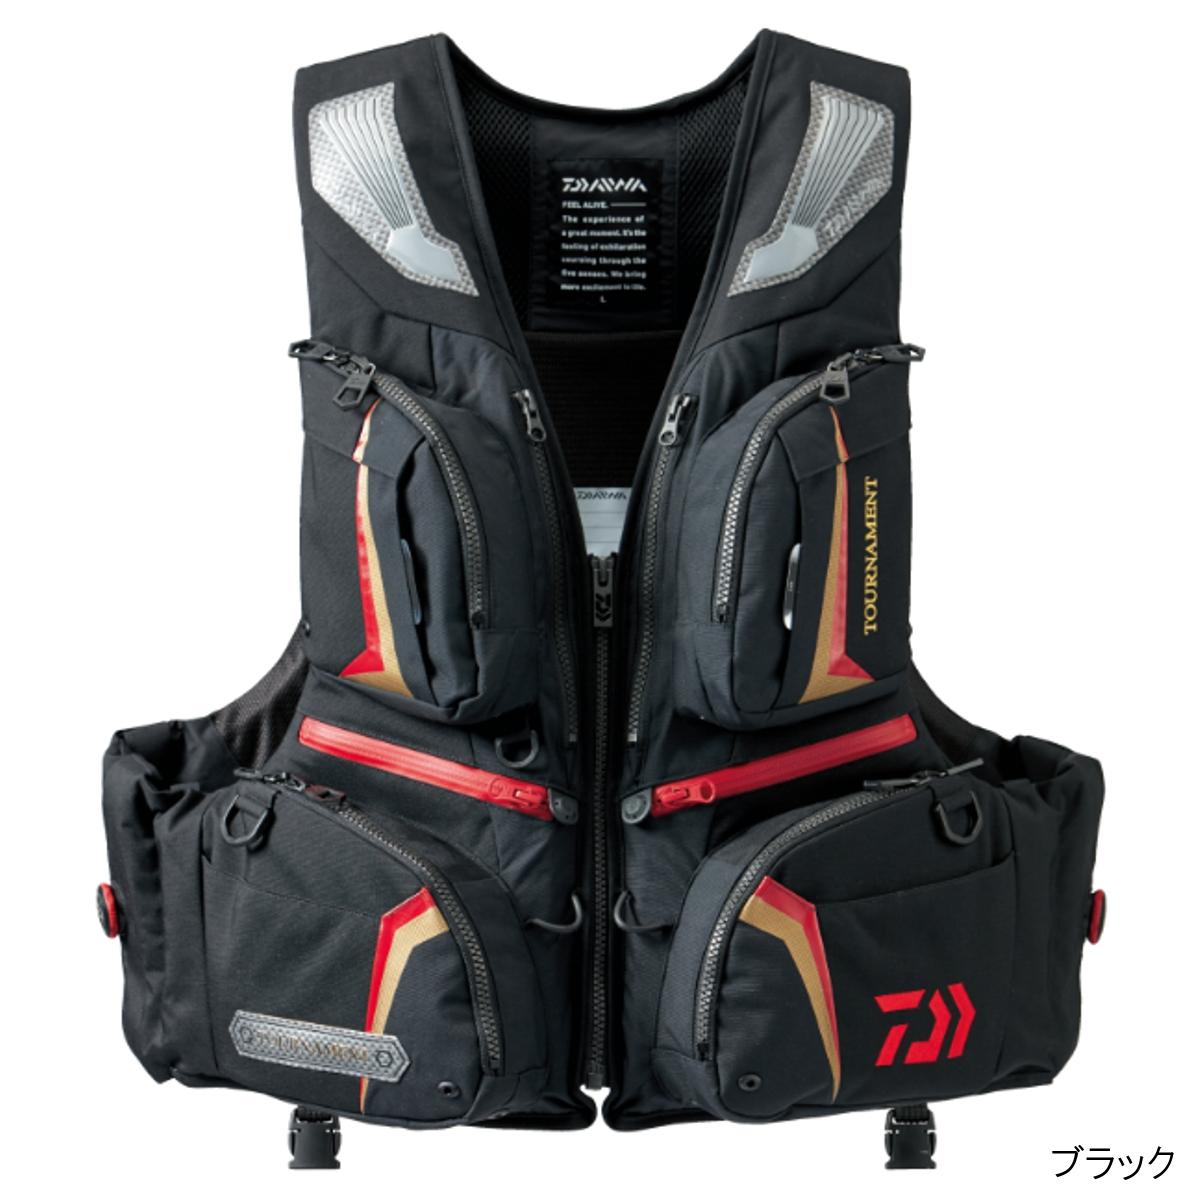 ダイワ トーナメント バリアテック サイバーフロート DF-3206 L ブラック(東日本店)